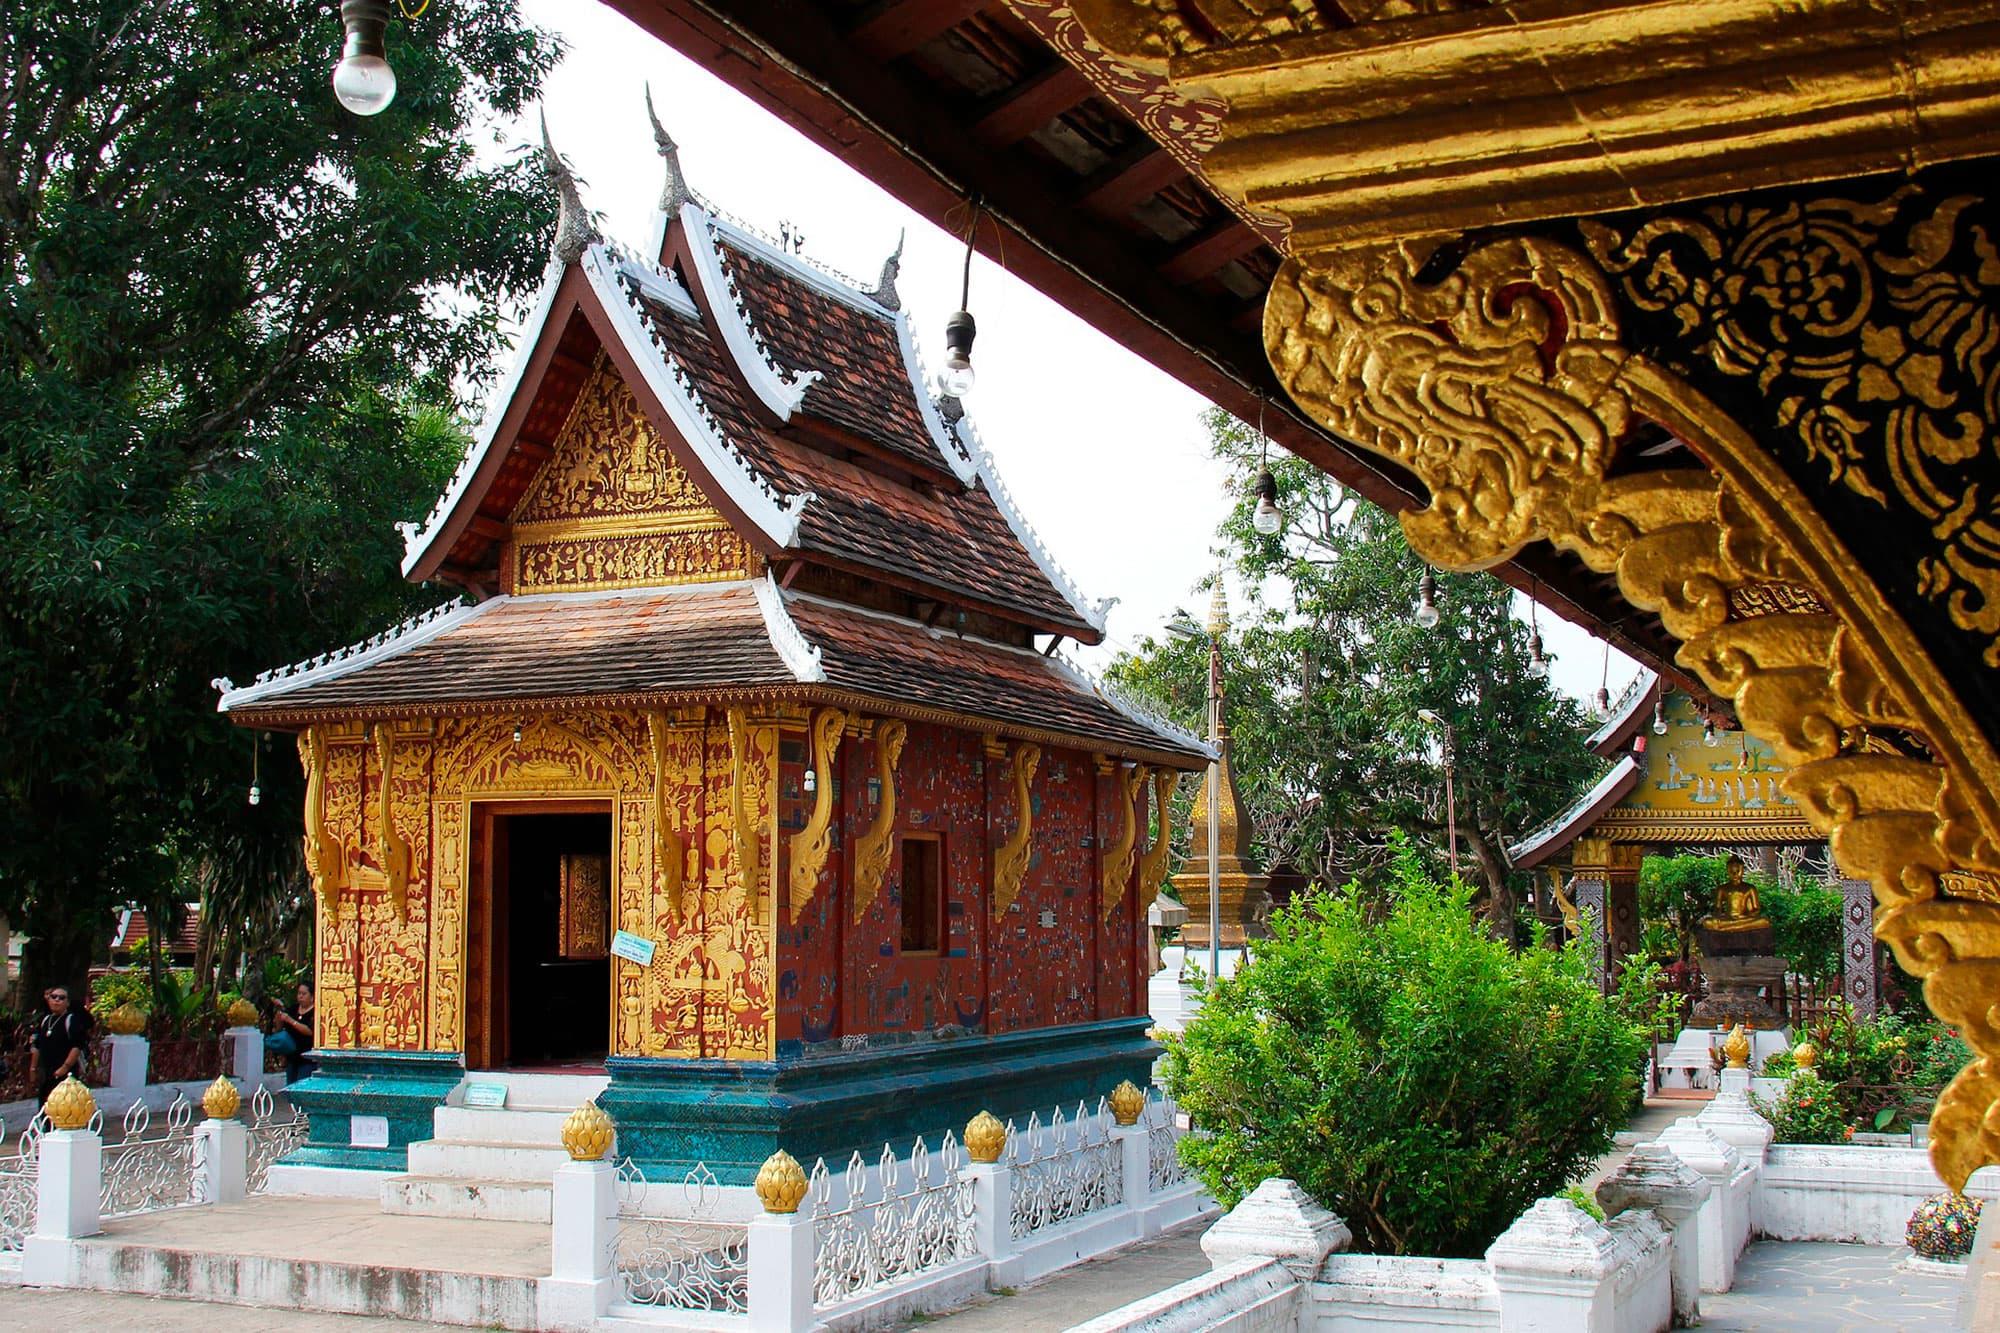 Exploración en Laos - Laos- imagen #5